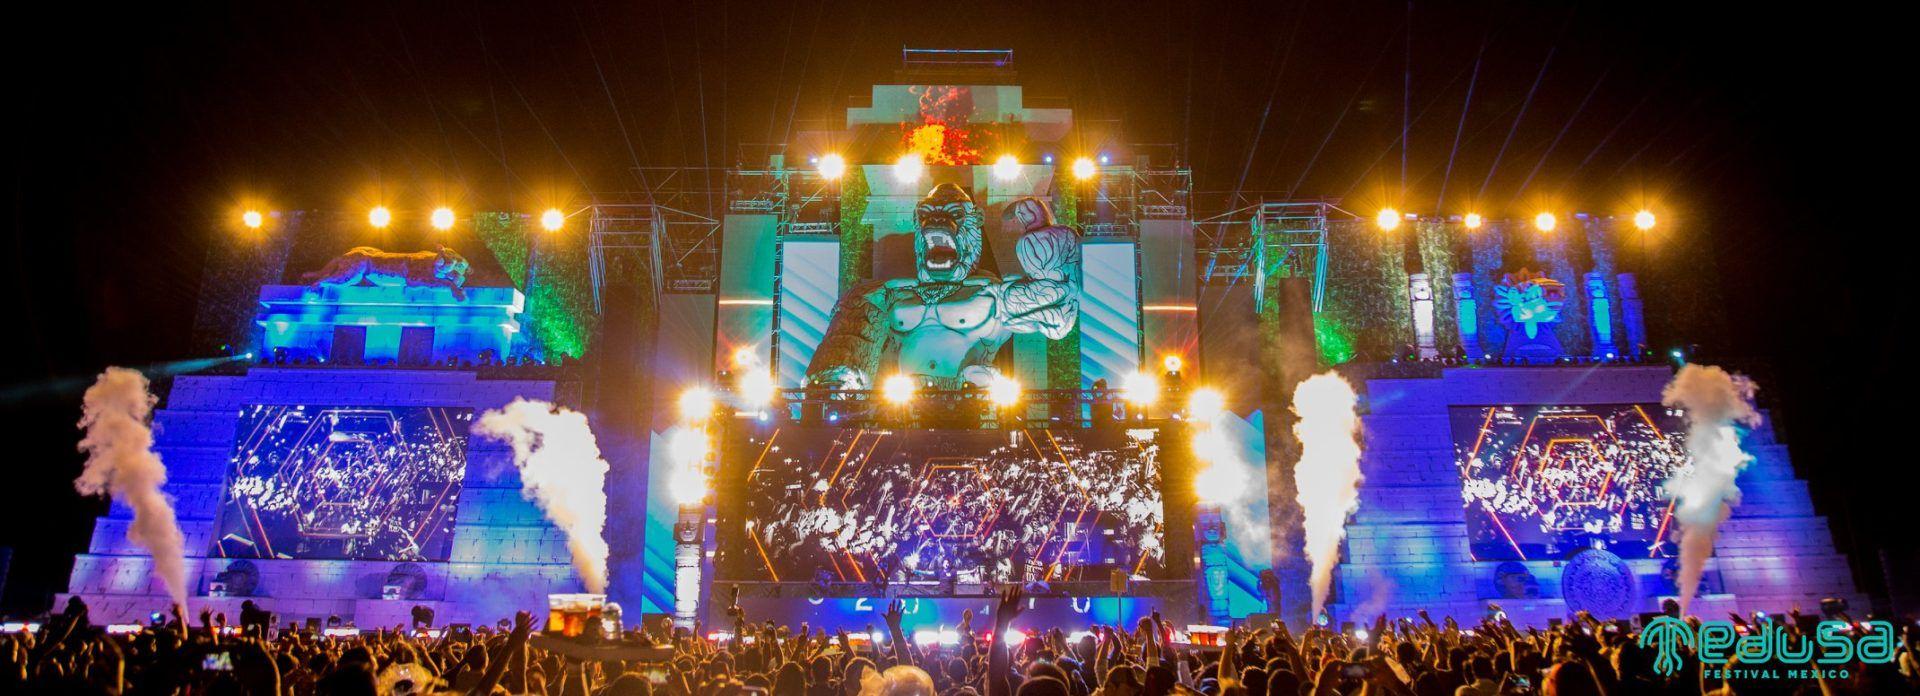 Festivales de música electrónica en México - Medusa Festival México